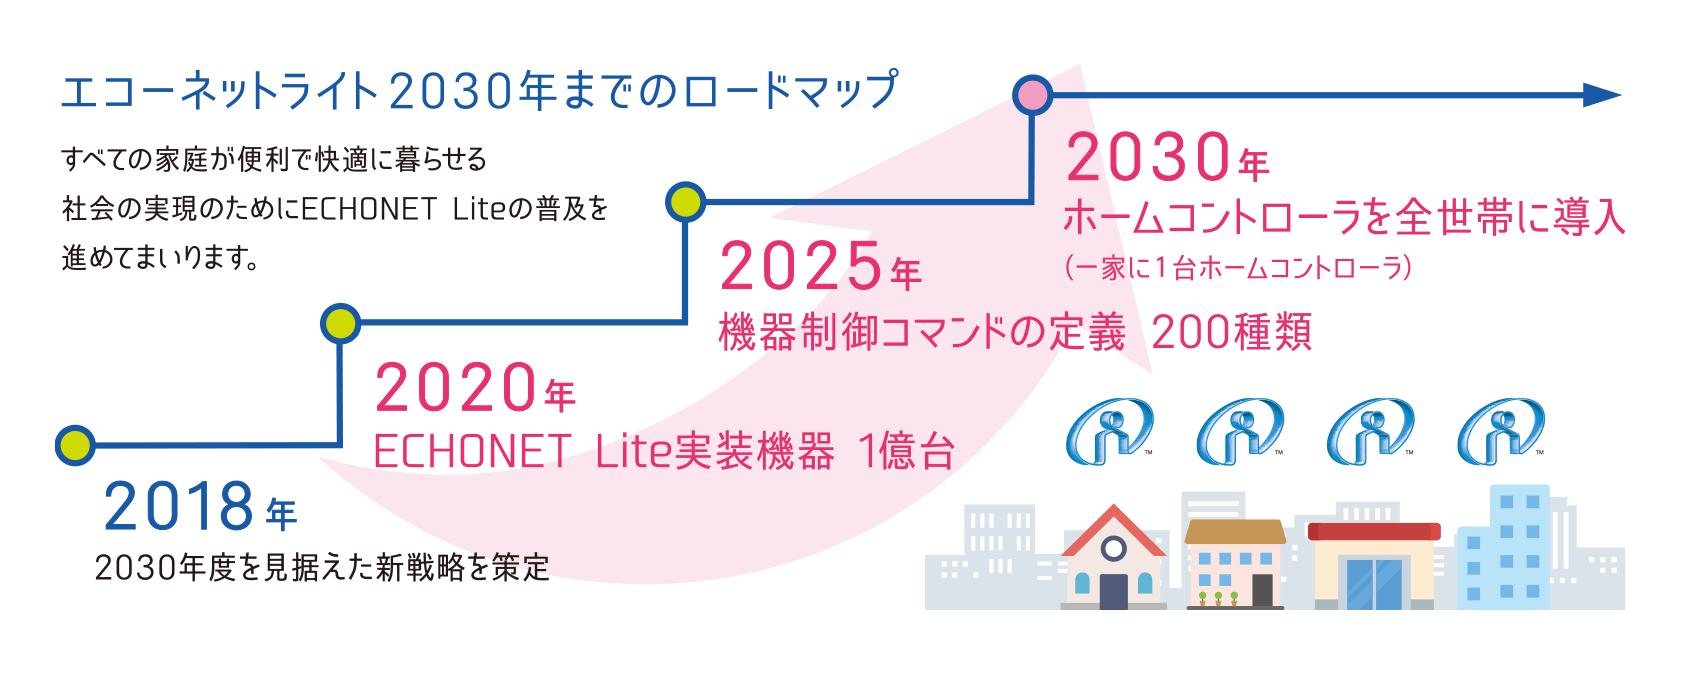 エコネットライト2030年までのロードマップ